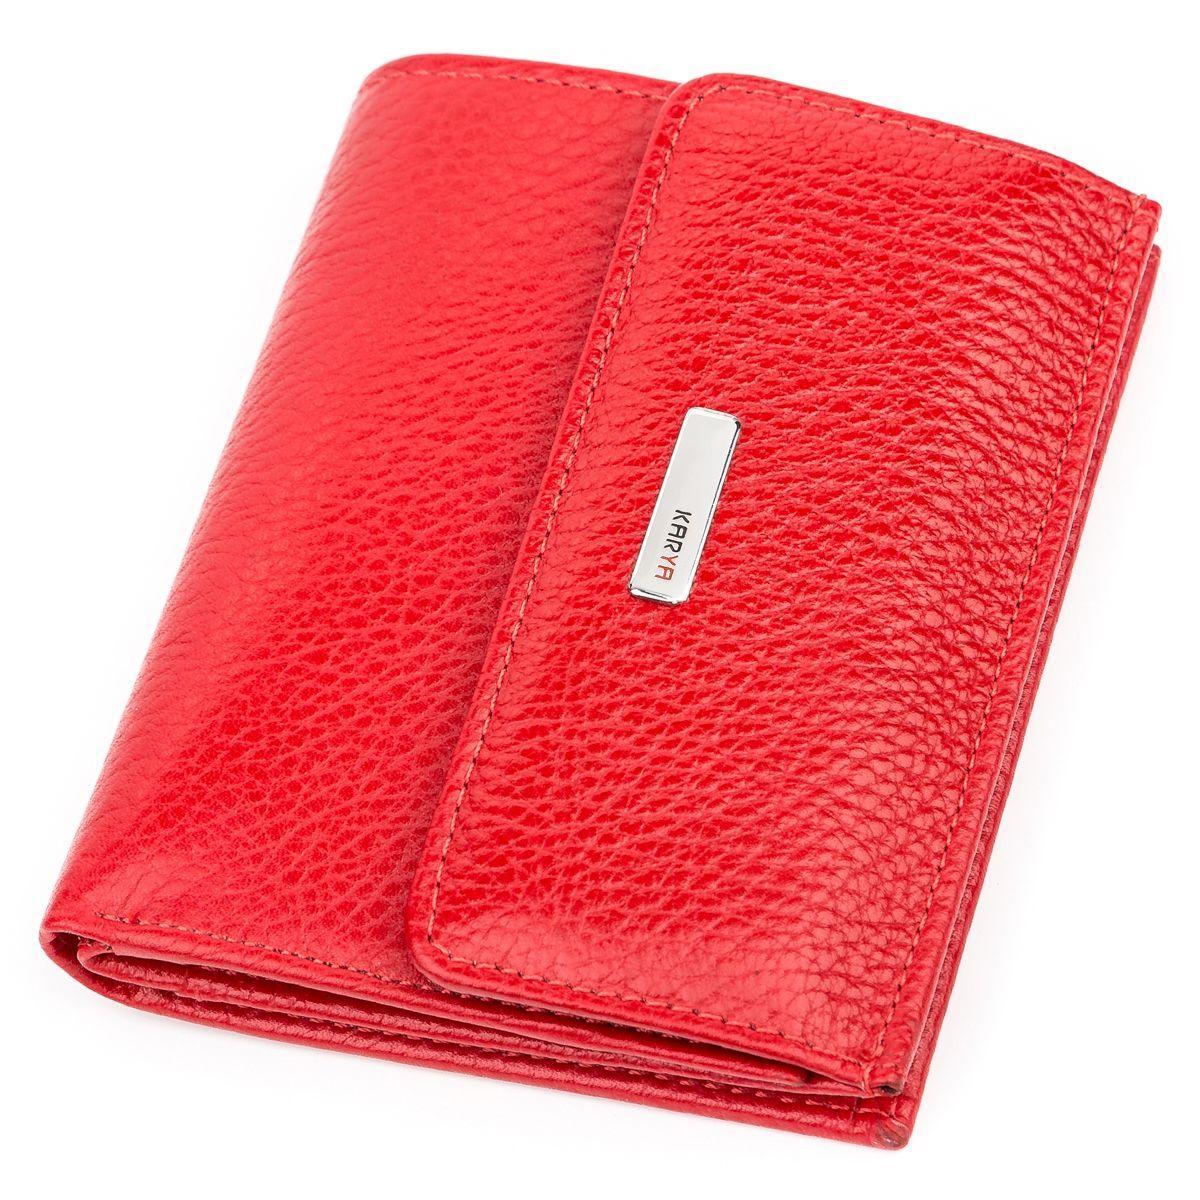 Кошелек женский KARYA 17147 кожаный Красный, Красный